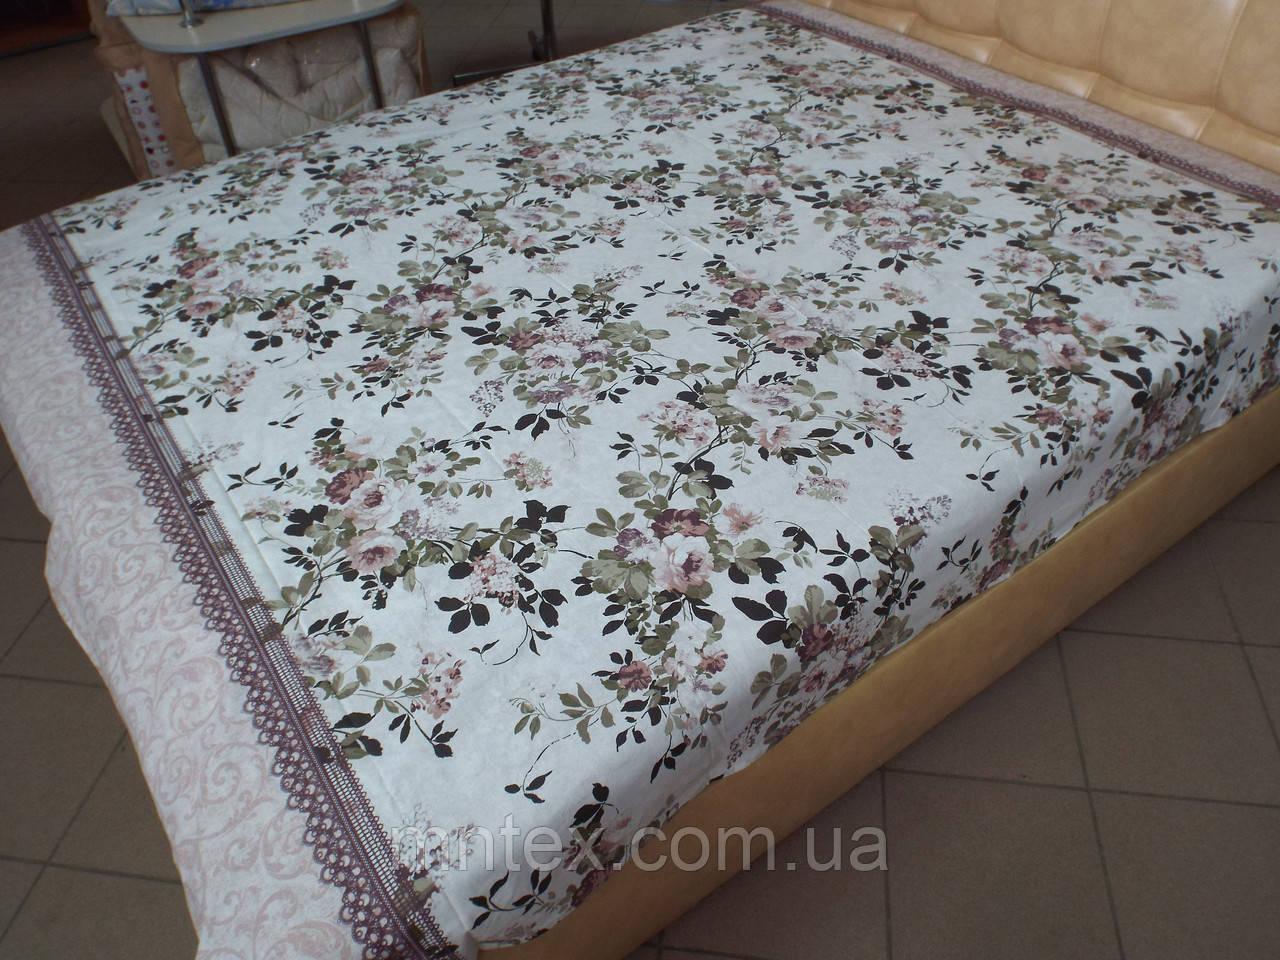 Ткань для пошива постельного белья бязь Беларусь ГОСТ  Весенний сад